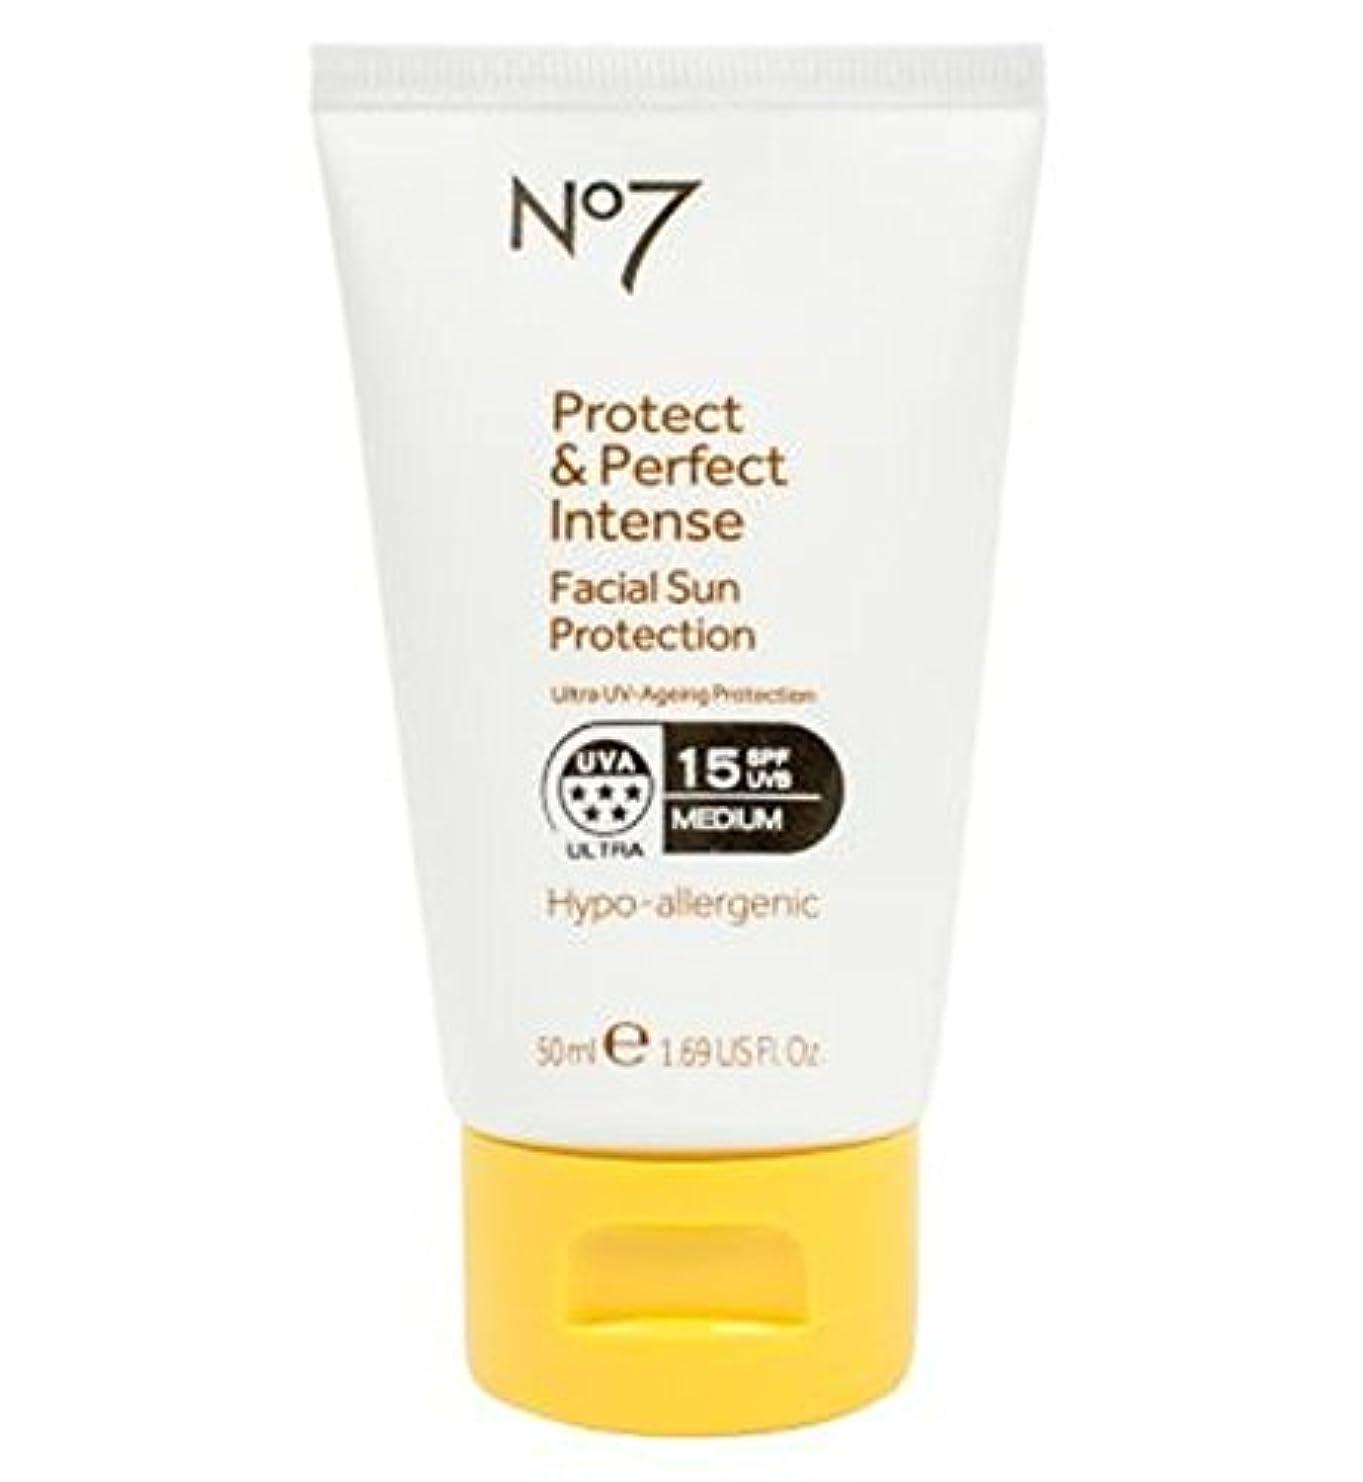 解き明かす堂々たる幼児No7 Protect & Perfect Intense Facial Sun Protection SPF 15 50ml - No7保護&完璧な強烈な顔の日焼け防止Spf 15 50ミリリットル (No7) [並行輸入品]